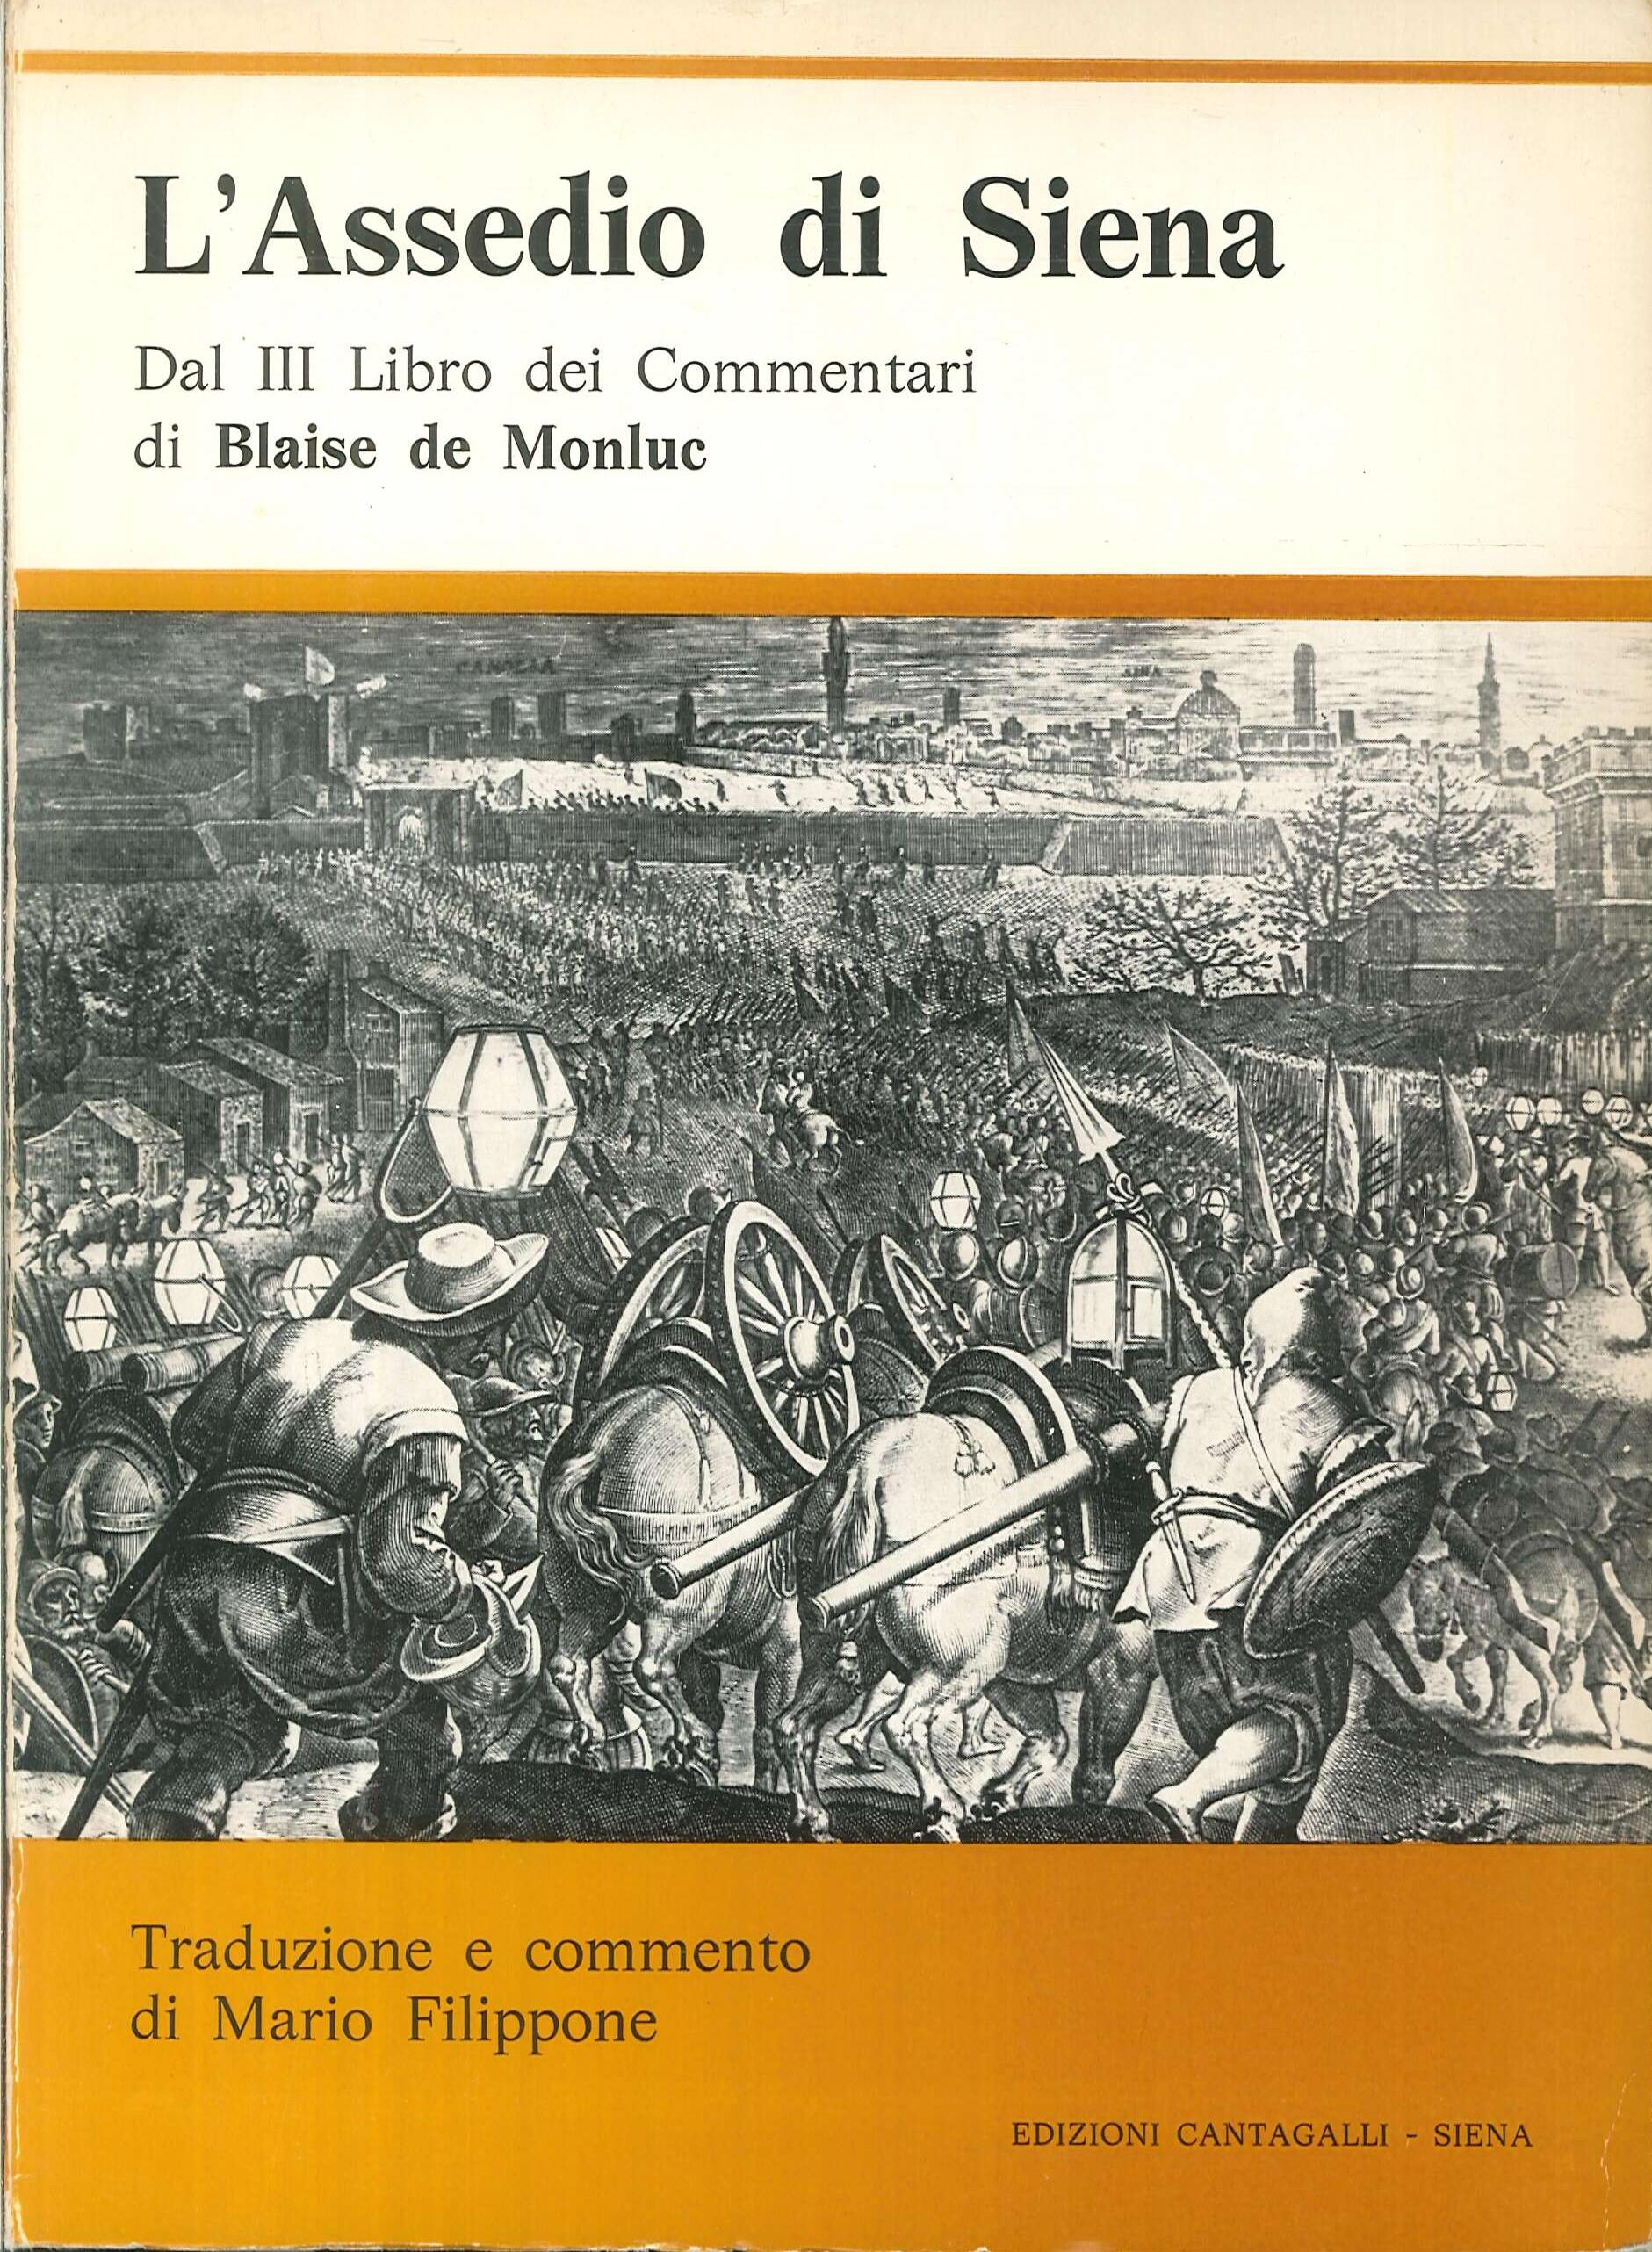 L'Assedio di Siena. Dal III Libro dei Commentari